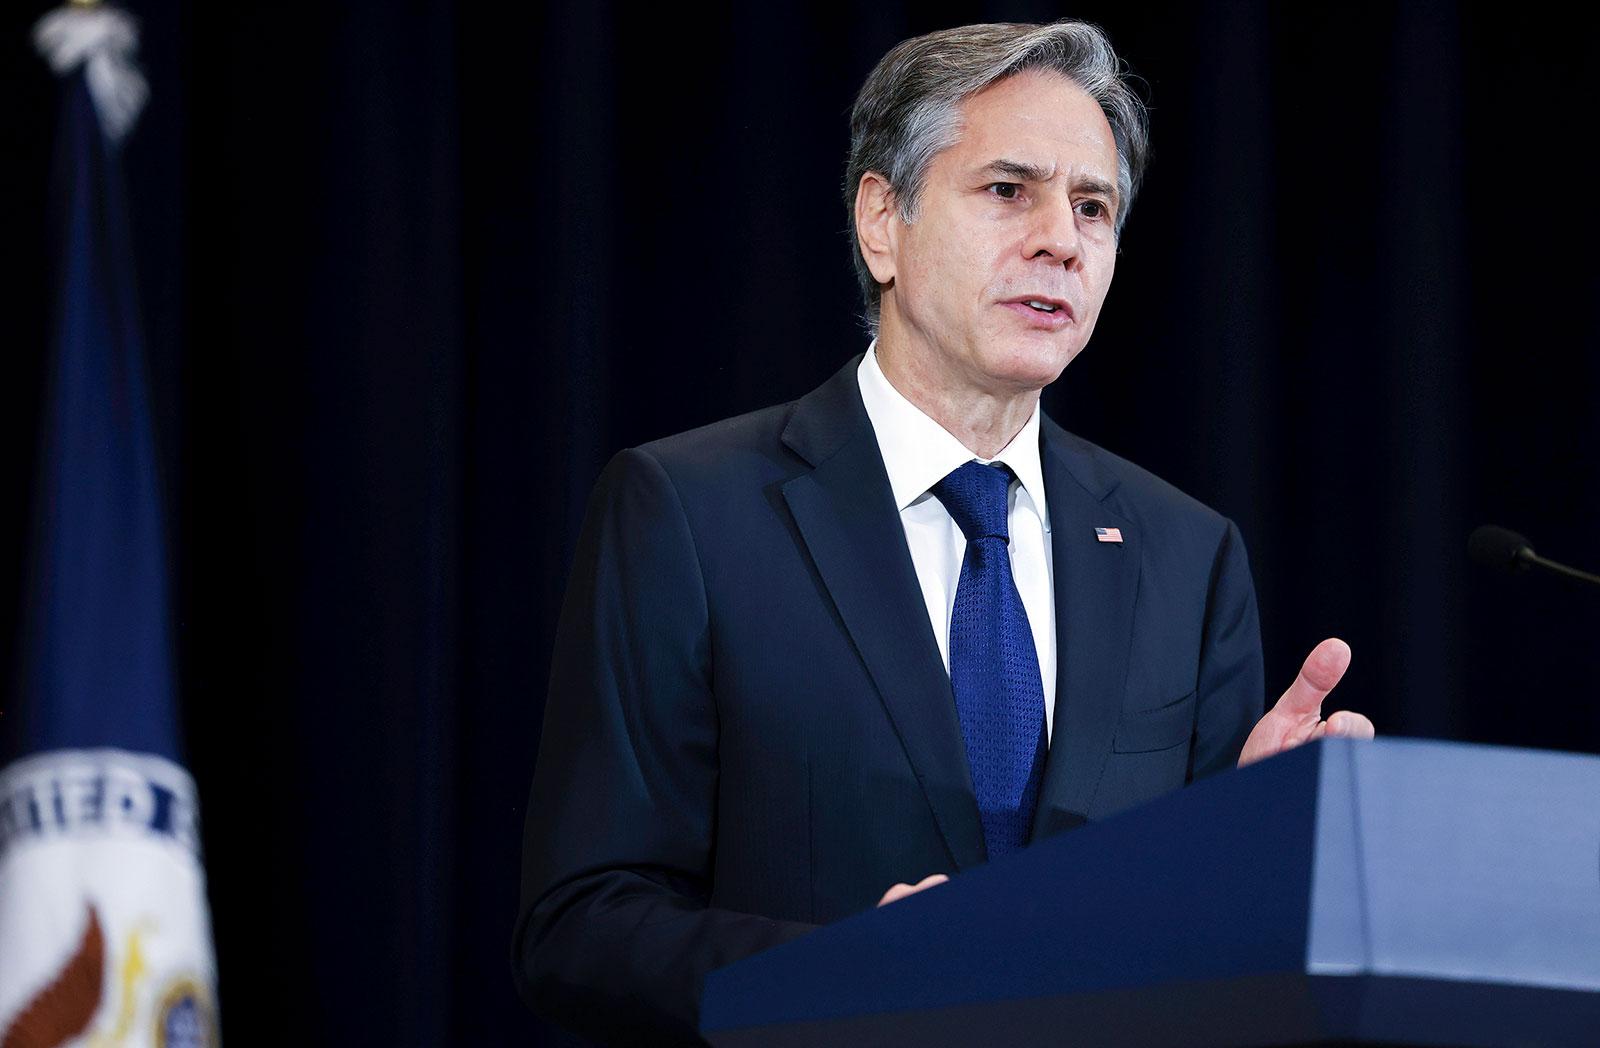 Secretary of State Antony Blinken speaks during an event on September 10.